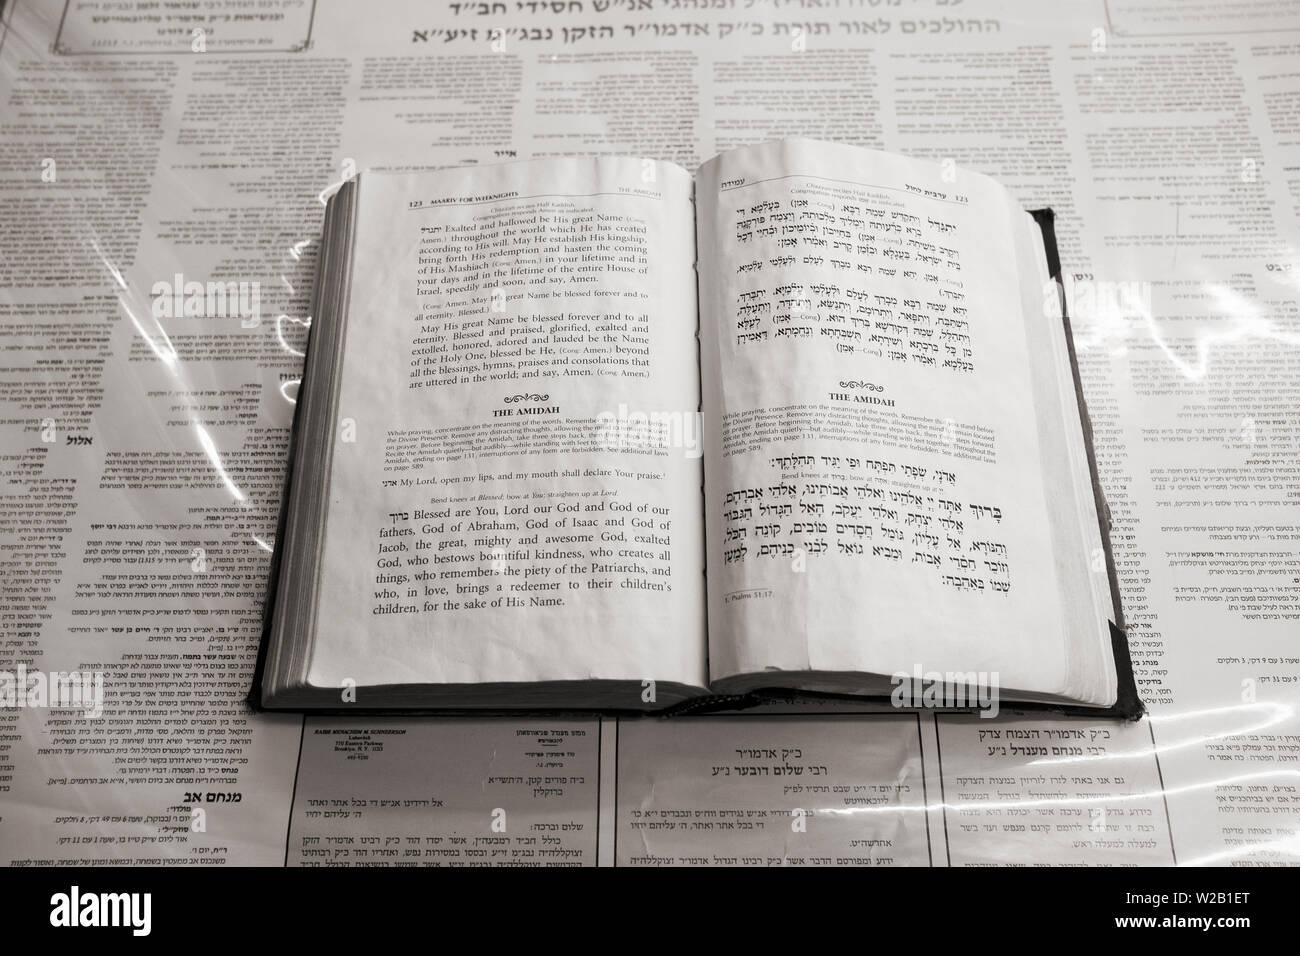 Bimah Synagogue Stock Photos & Bimah Synagogue Stock Images - Alamy